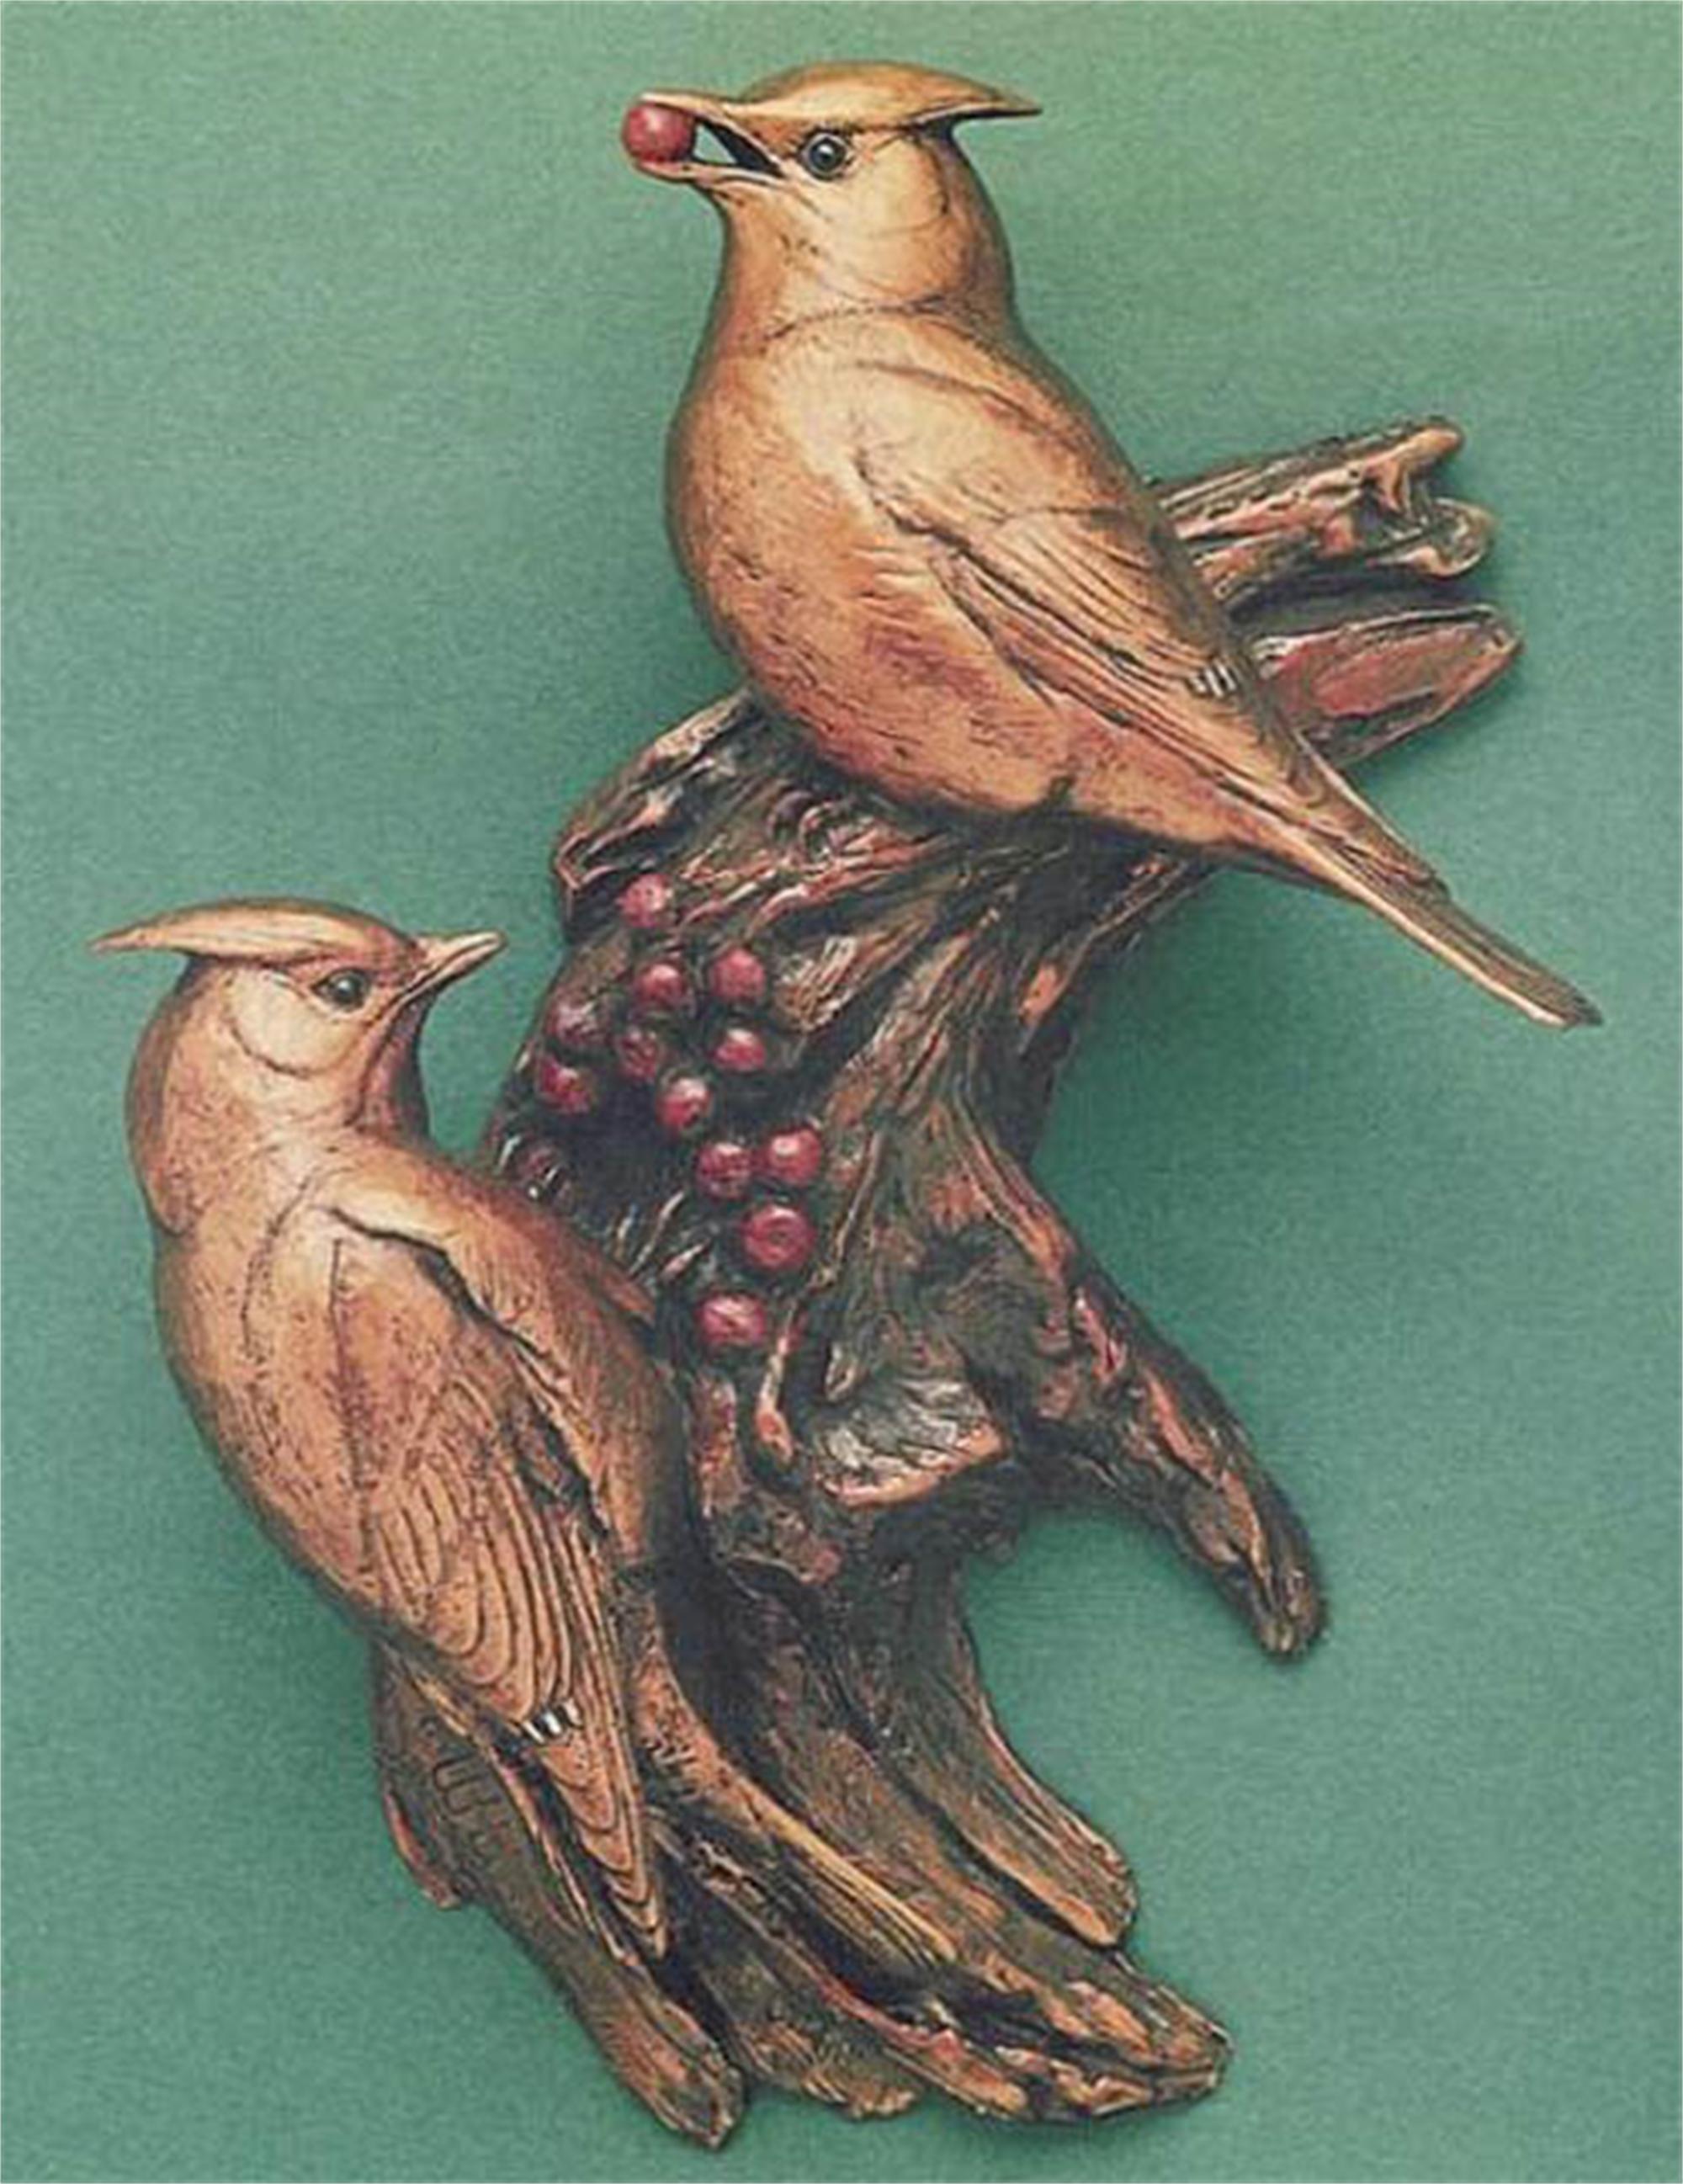 Wax Wings by Kent Ullberg